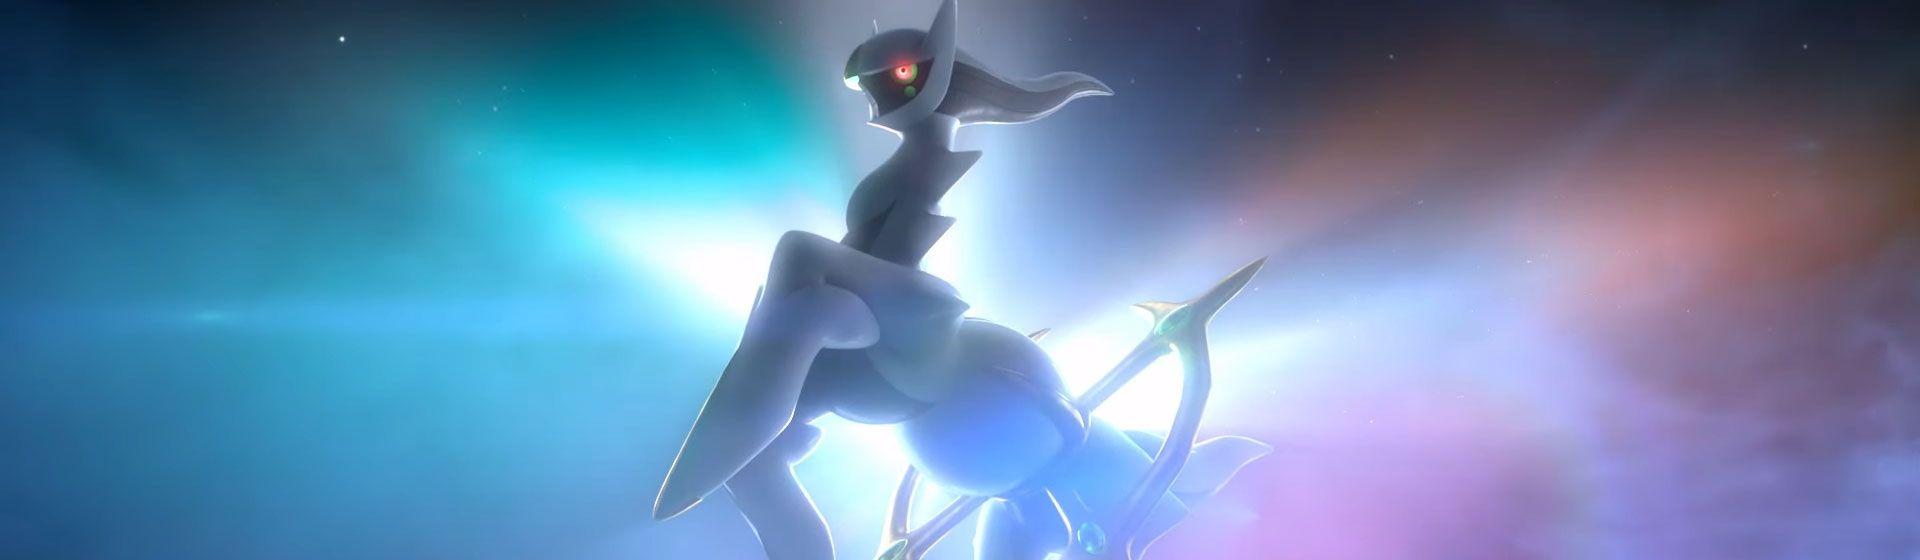 Pokémon ganha jogo em mundo aberto, remakes de Diamond & Pearl e mais